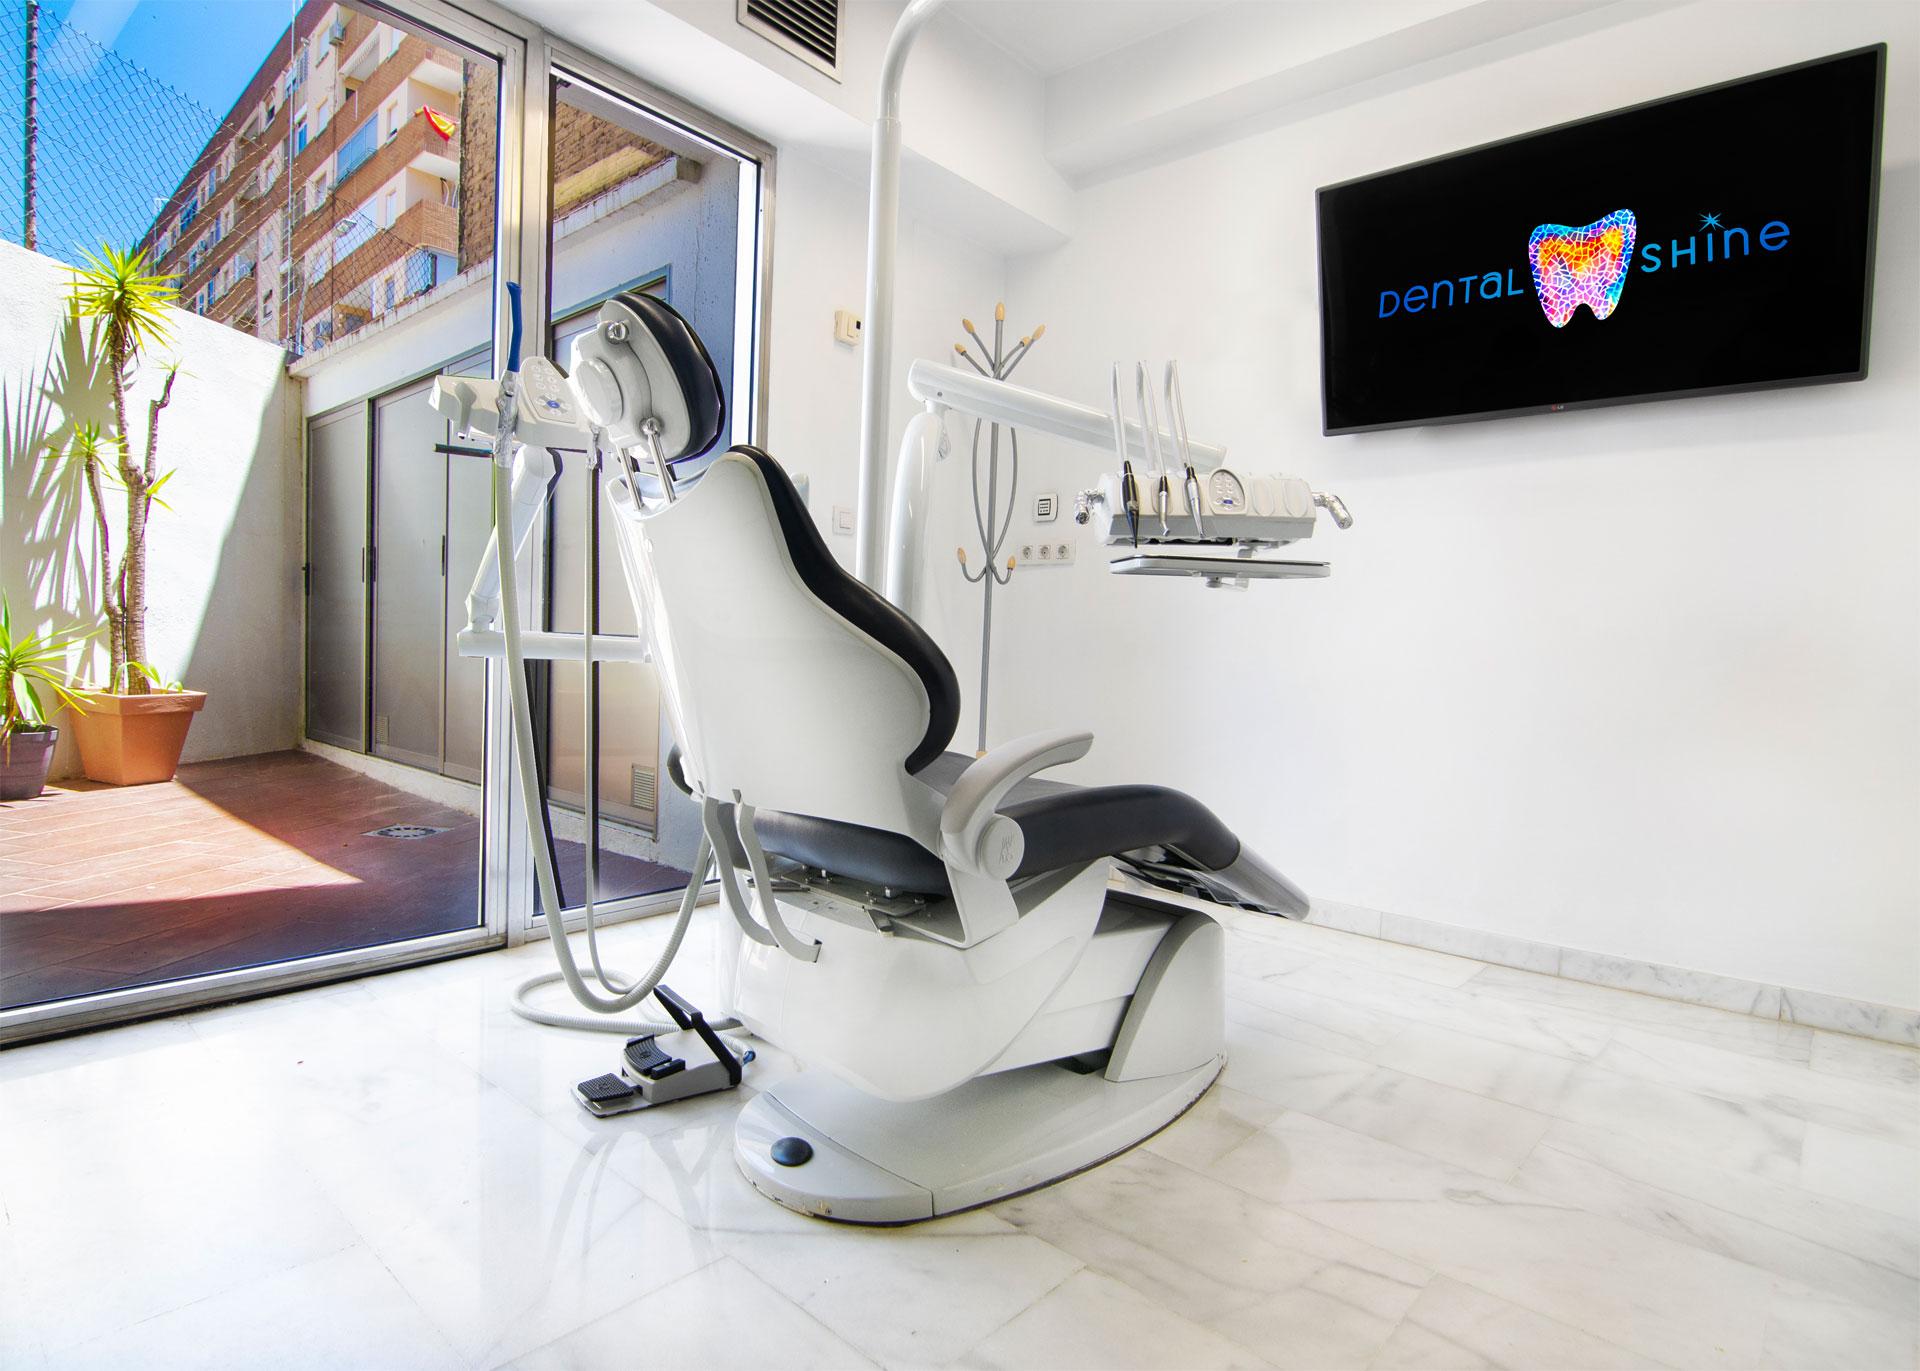 instalaciones-dentalshine